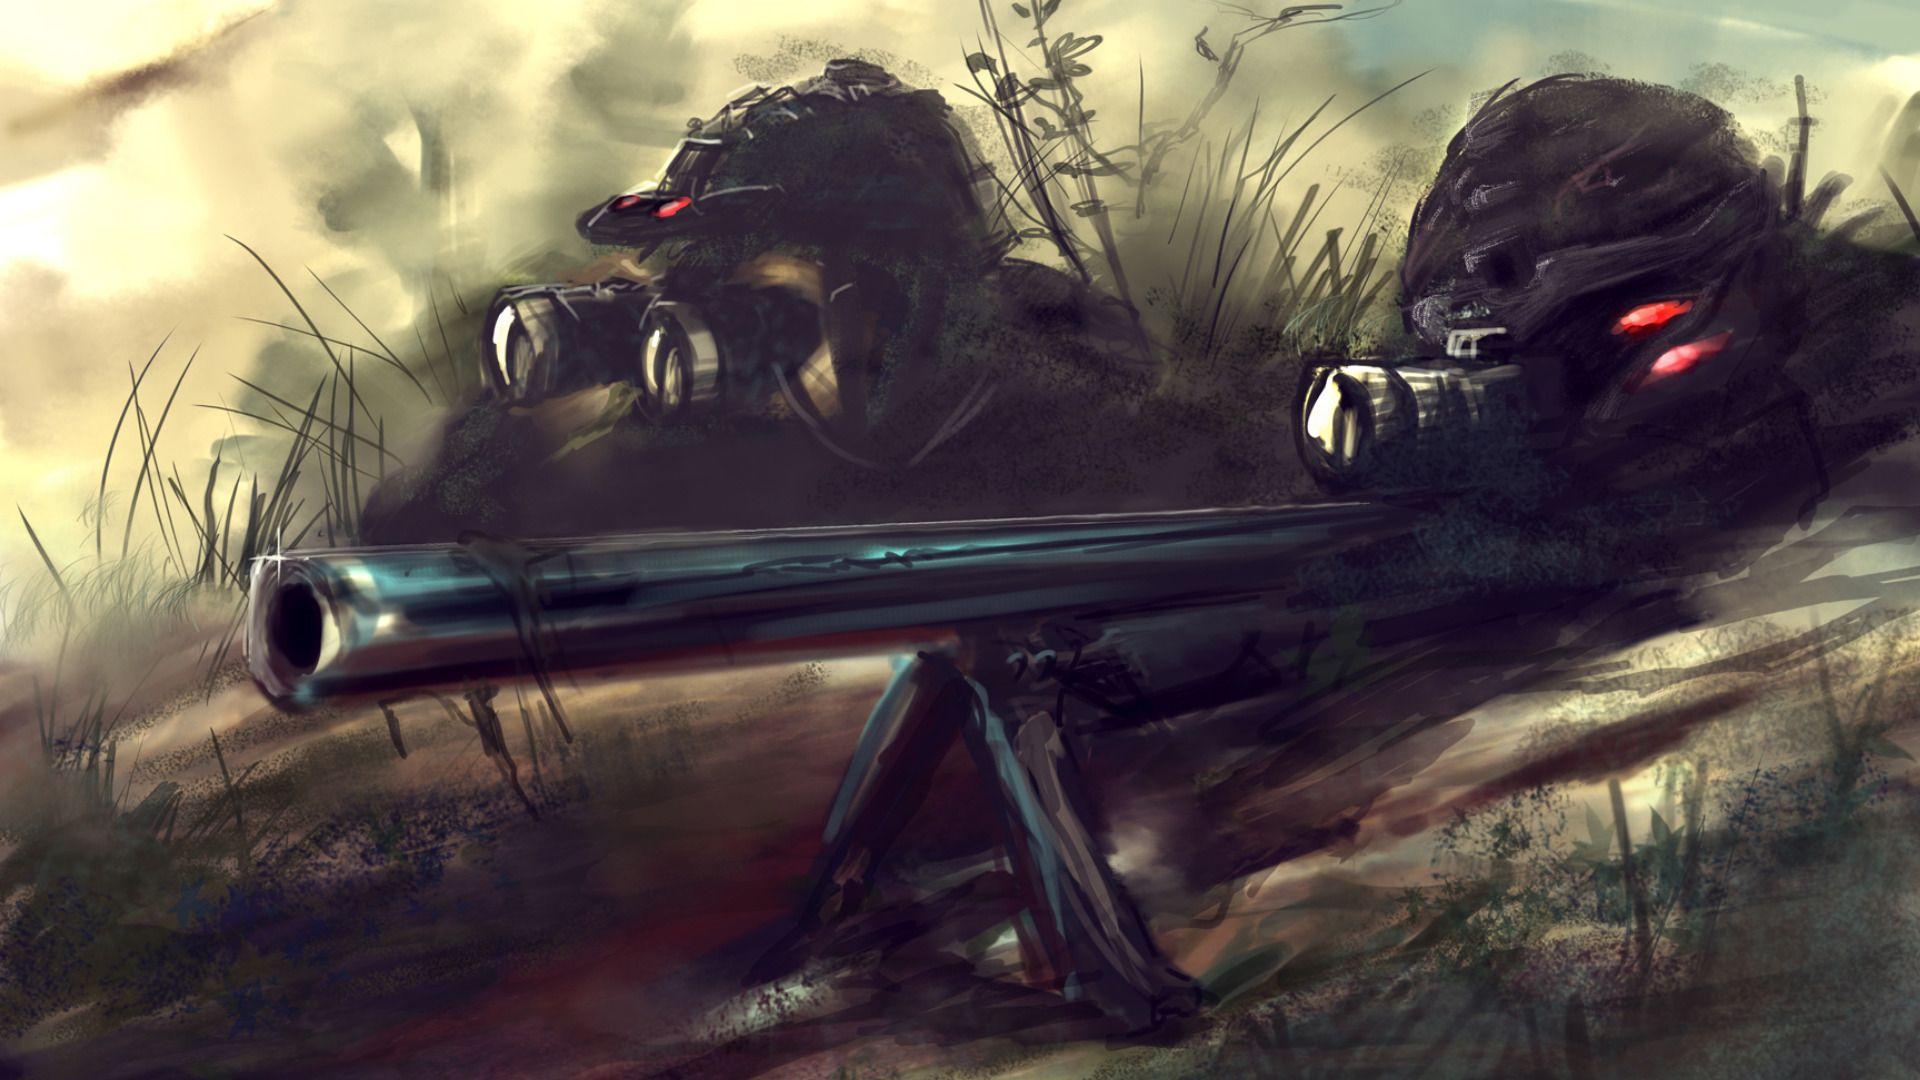 Sniper Art Military Wallpaper Sniper Desenho Desenho